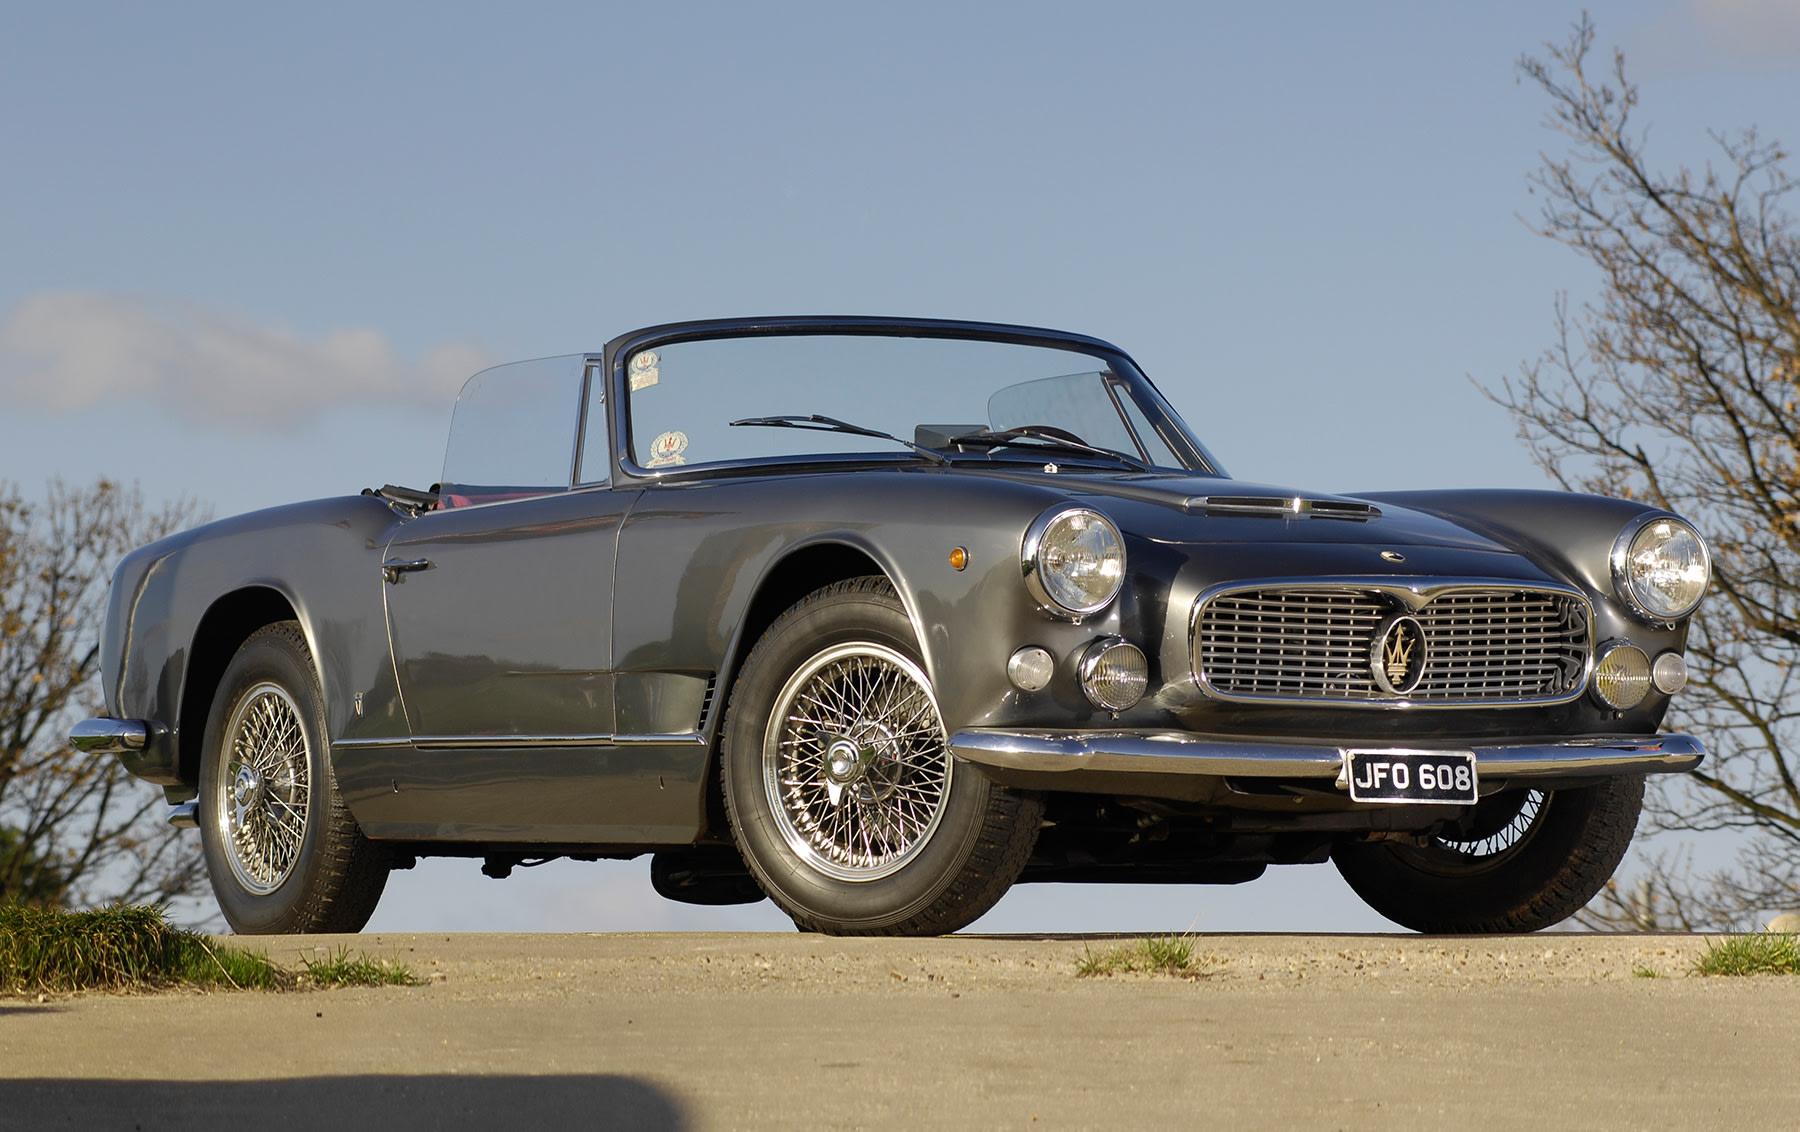 1963 Maserati 3500 GTI Spider